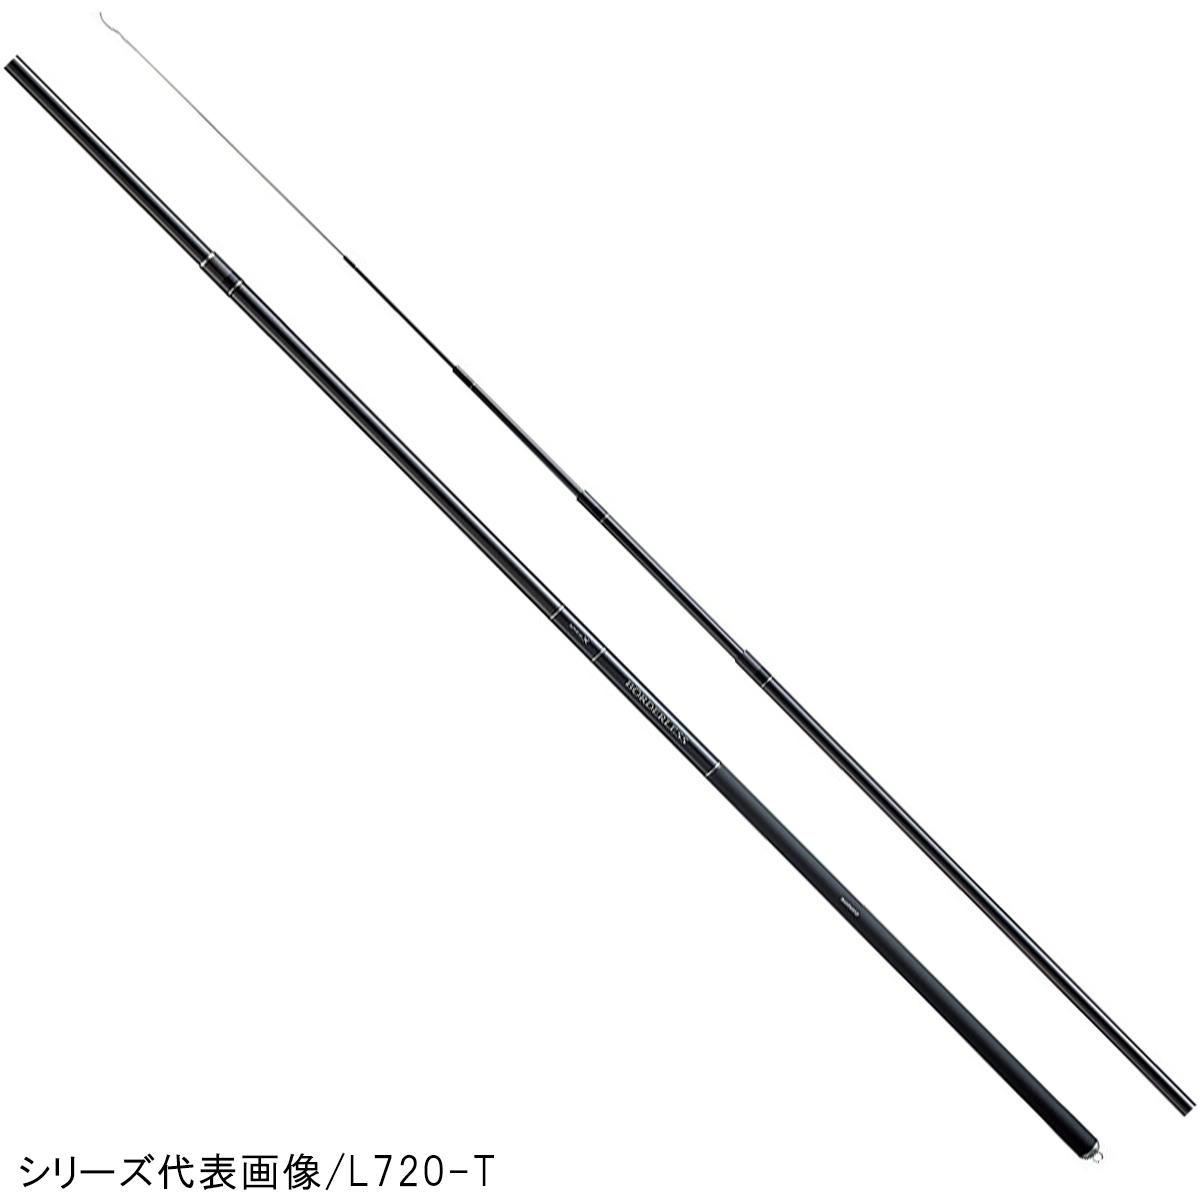 シマノ ボーダレス GL(ガイドレス仕様・Lモデル) L810-T(東日本店)